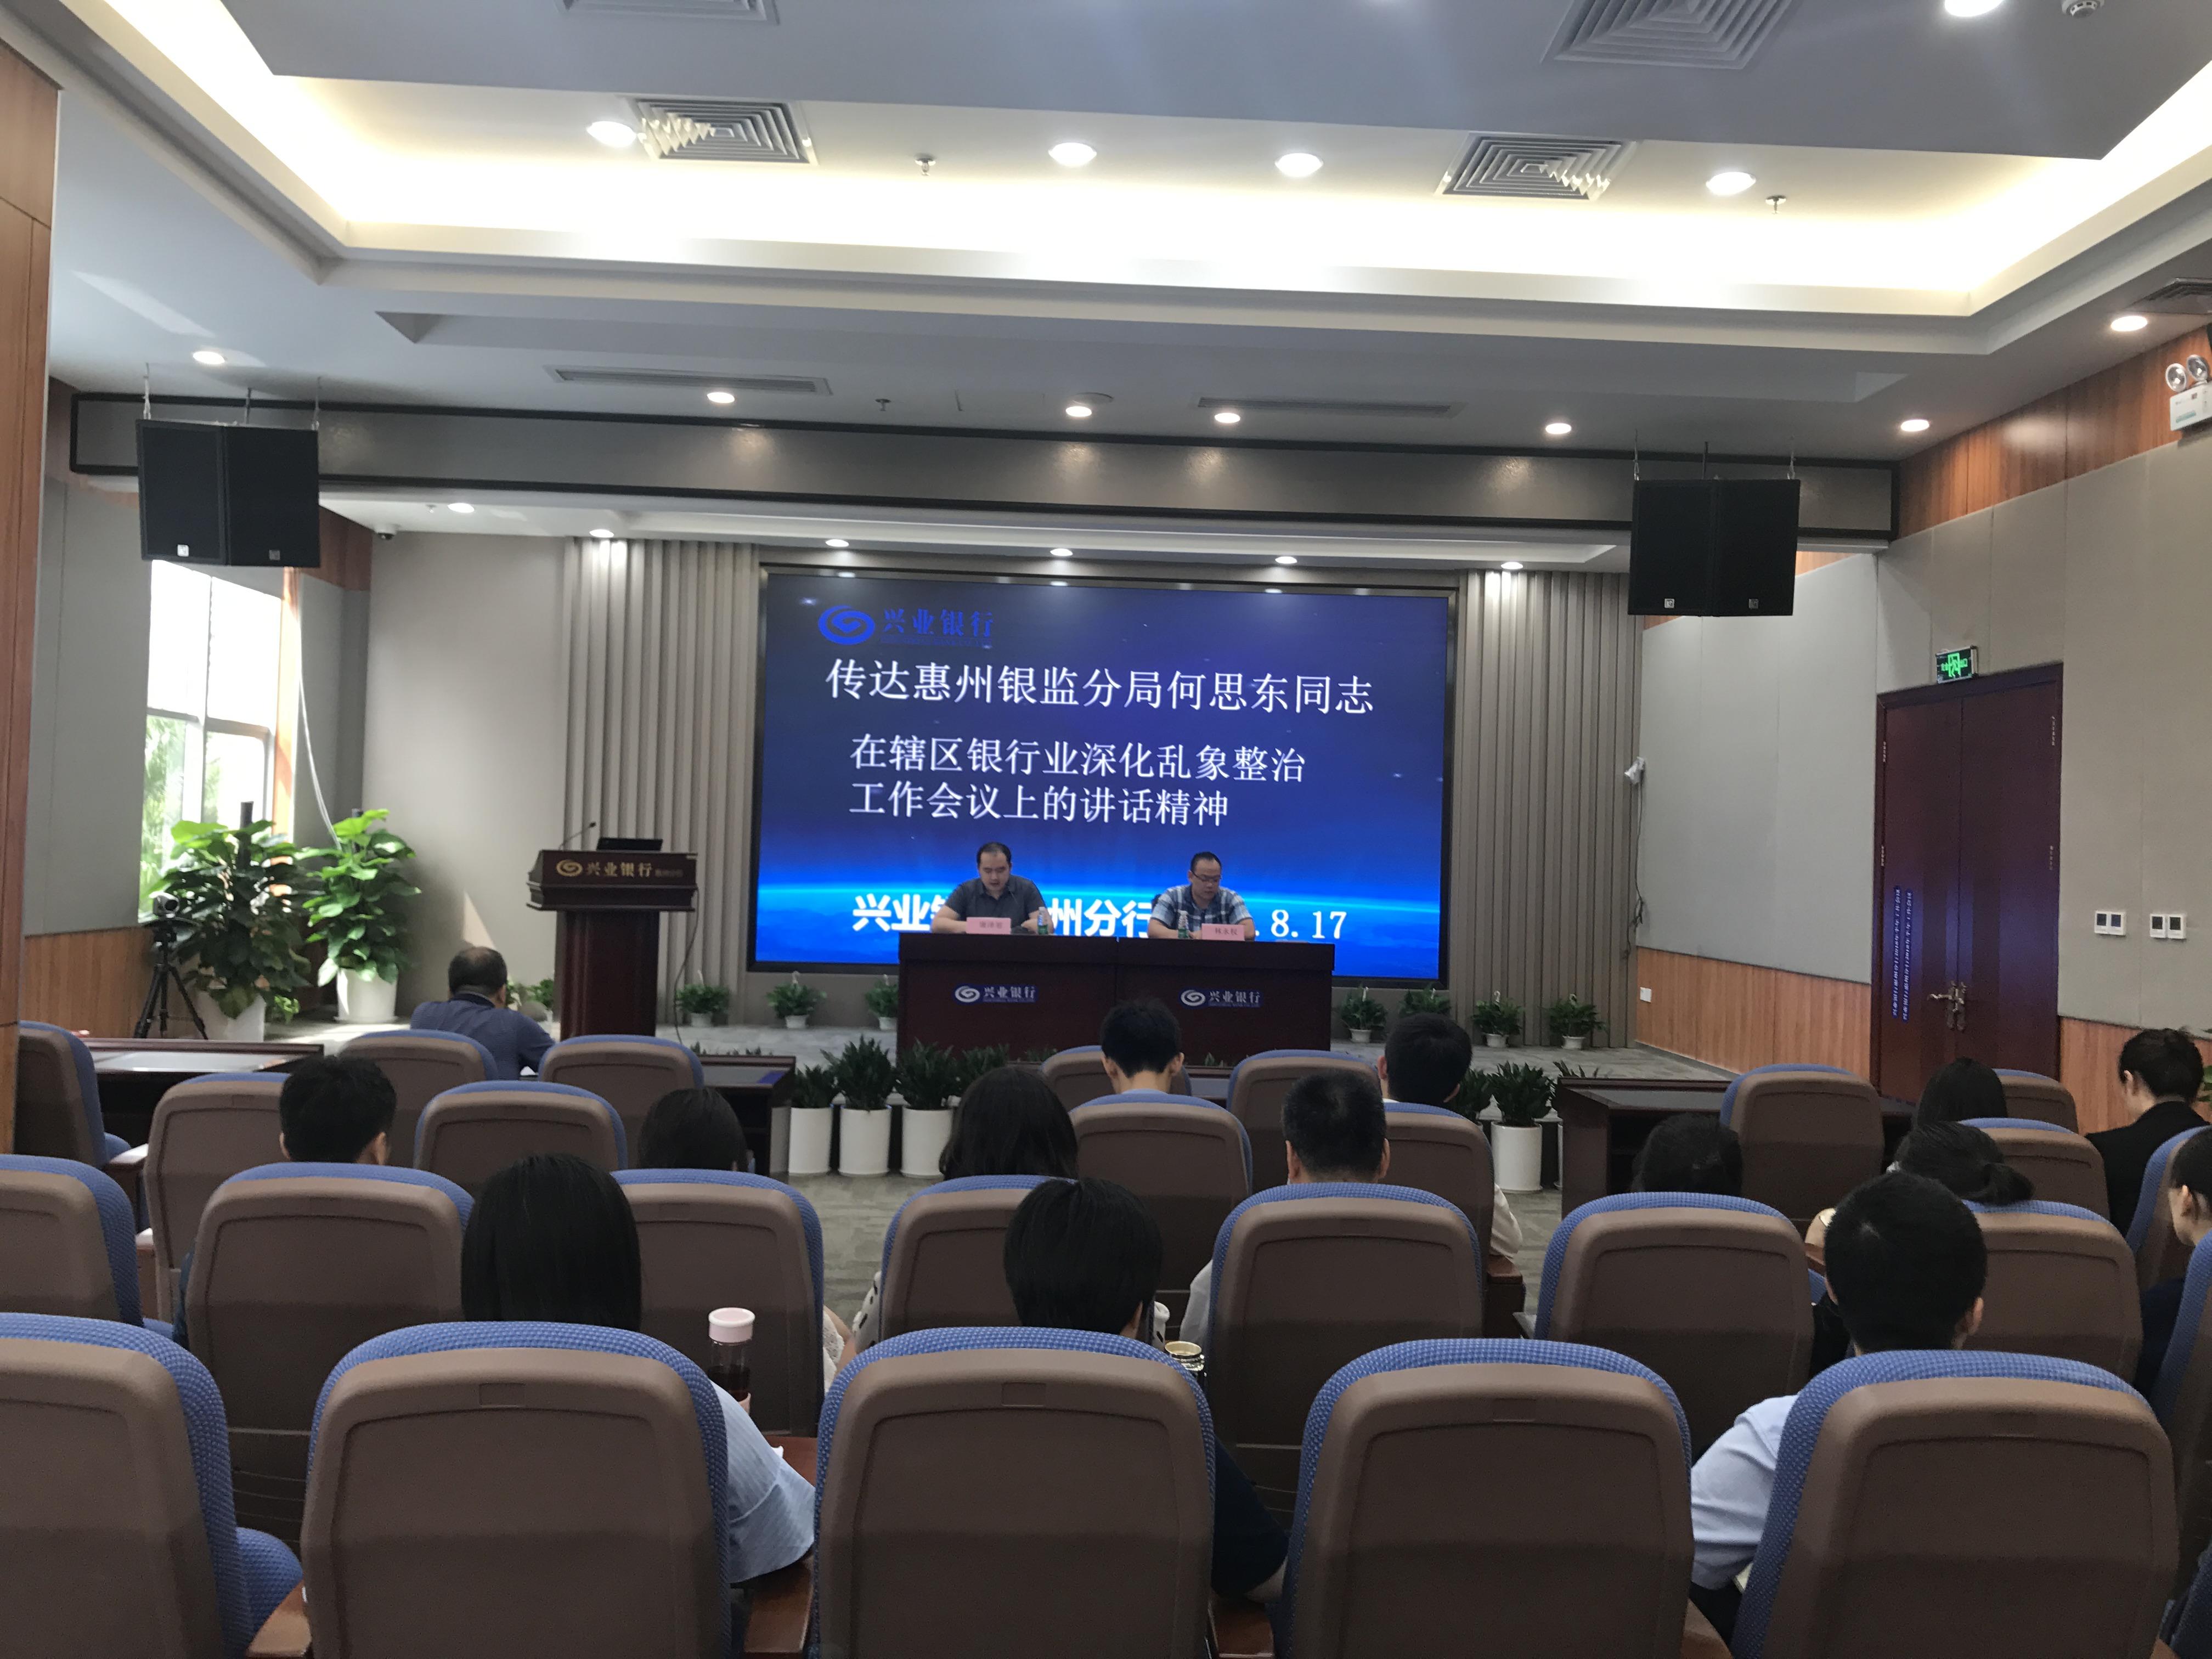 兴业银行惠州分行: 整治市场乱象 治标更要治本